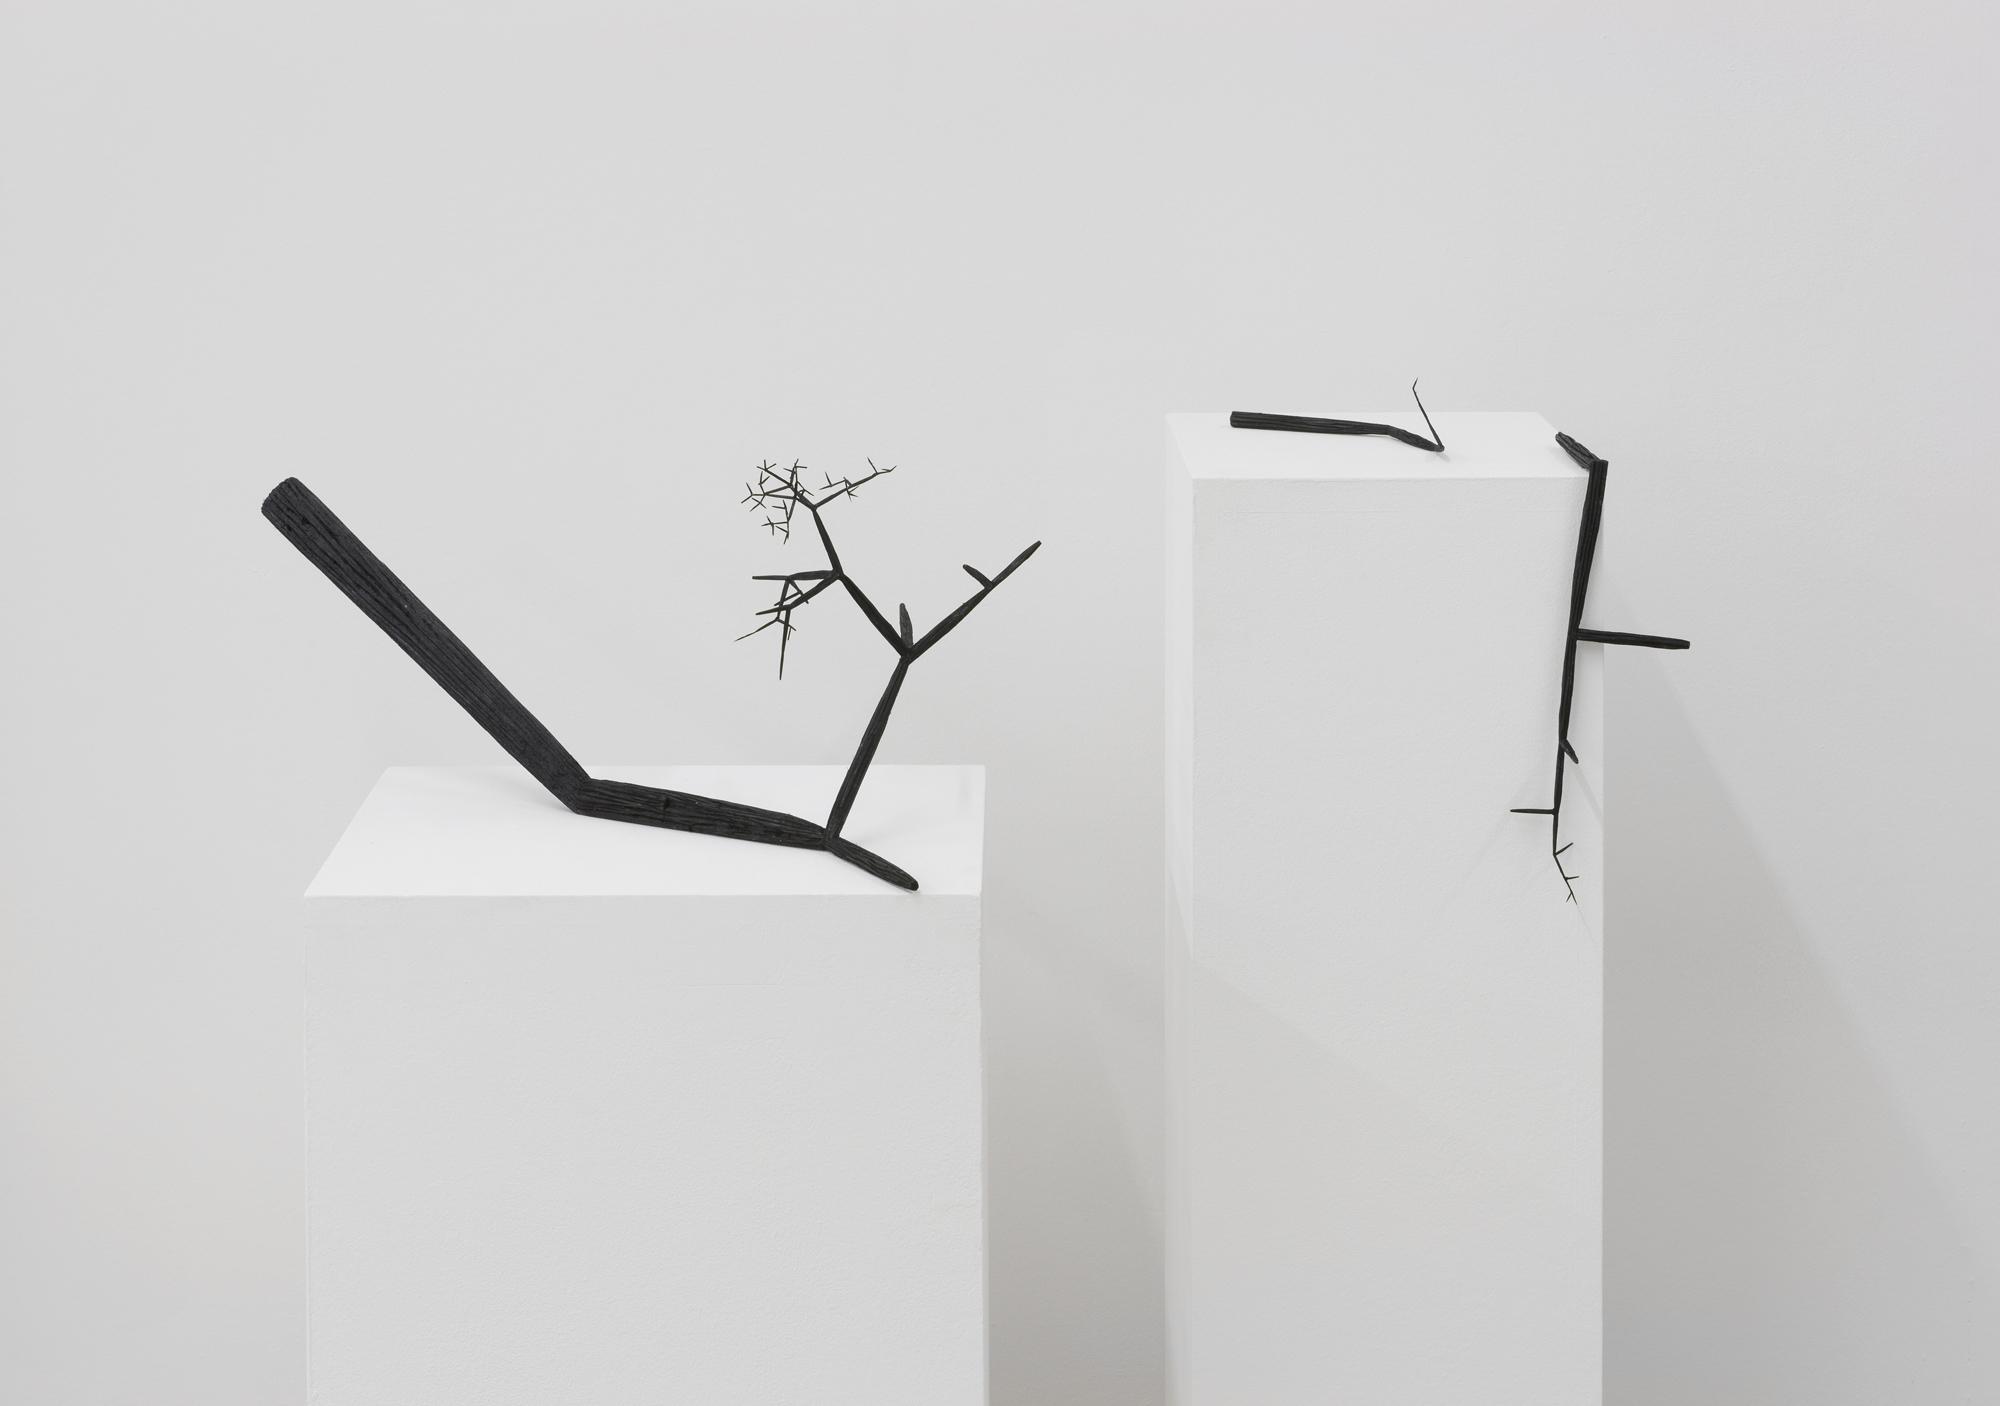 Szymon Kobylarz Fibonacci Chaos, widok wystawy, 2015 © dzięki uprzejmości artysty iGalerii ŻAK  BRANICKA, Berlin